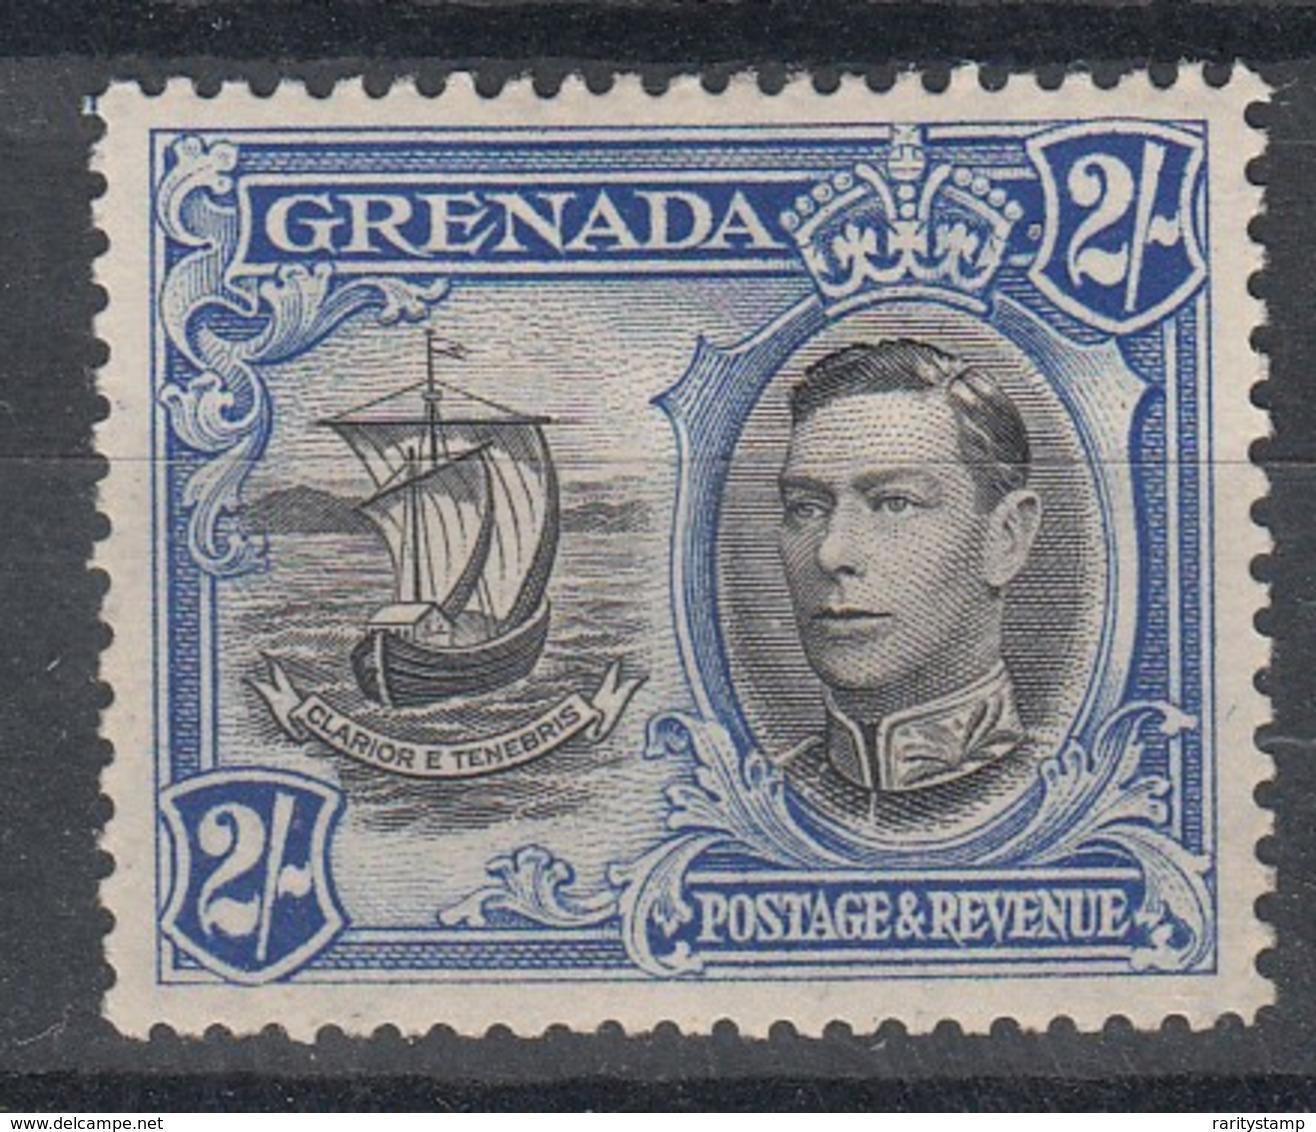 GRENADA 1938 2/- BLUE MLH SG 161 - Grenada (...-1974)